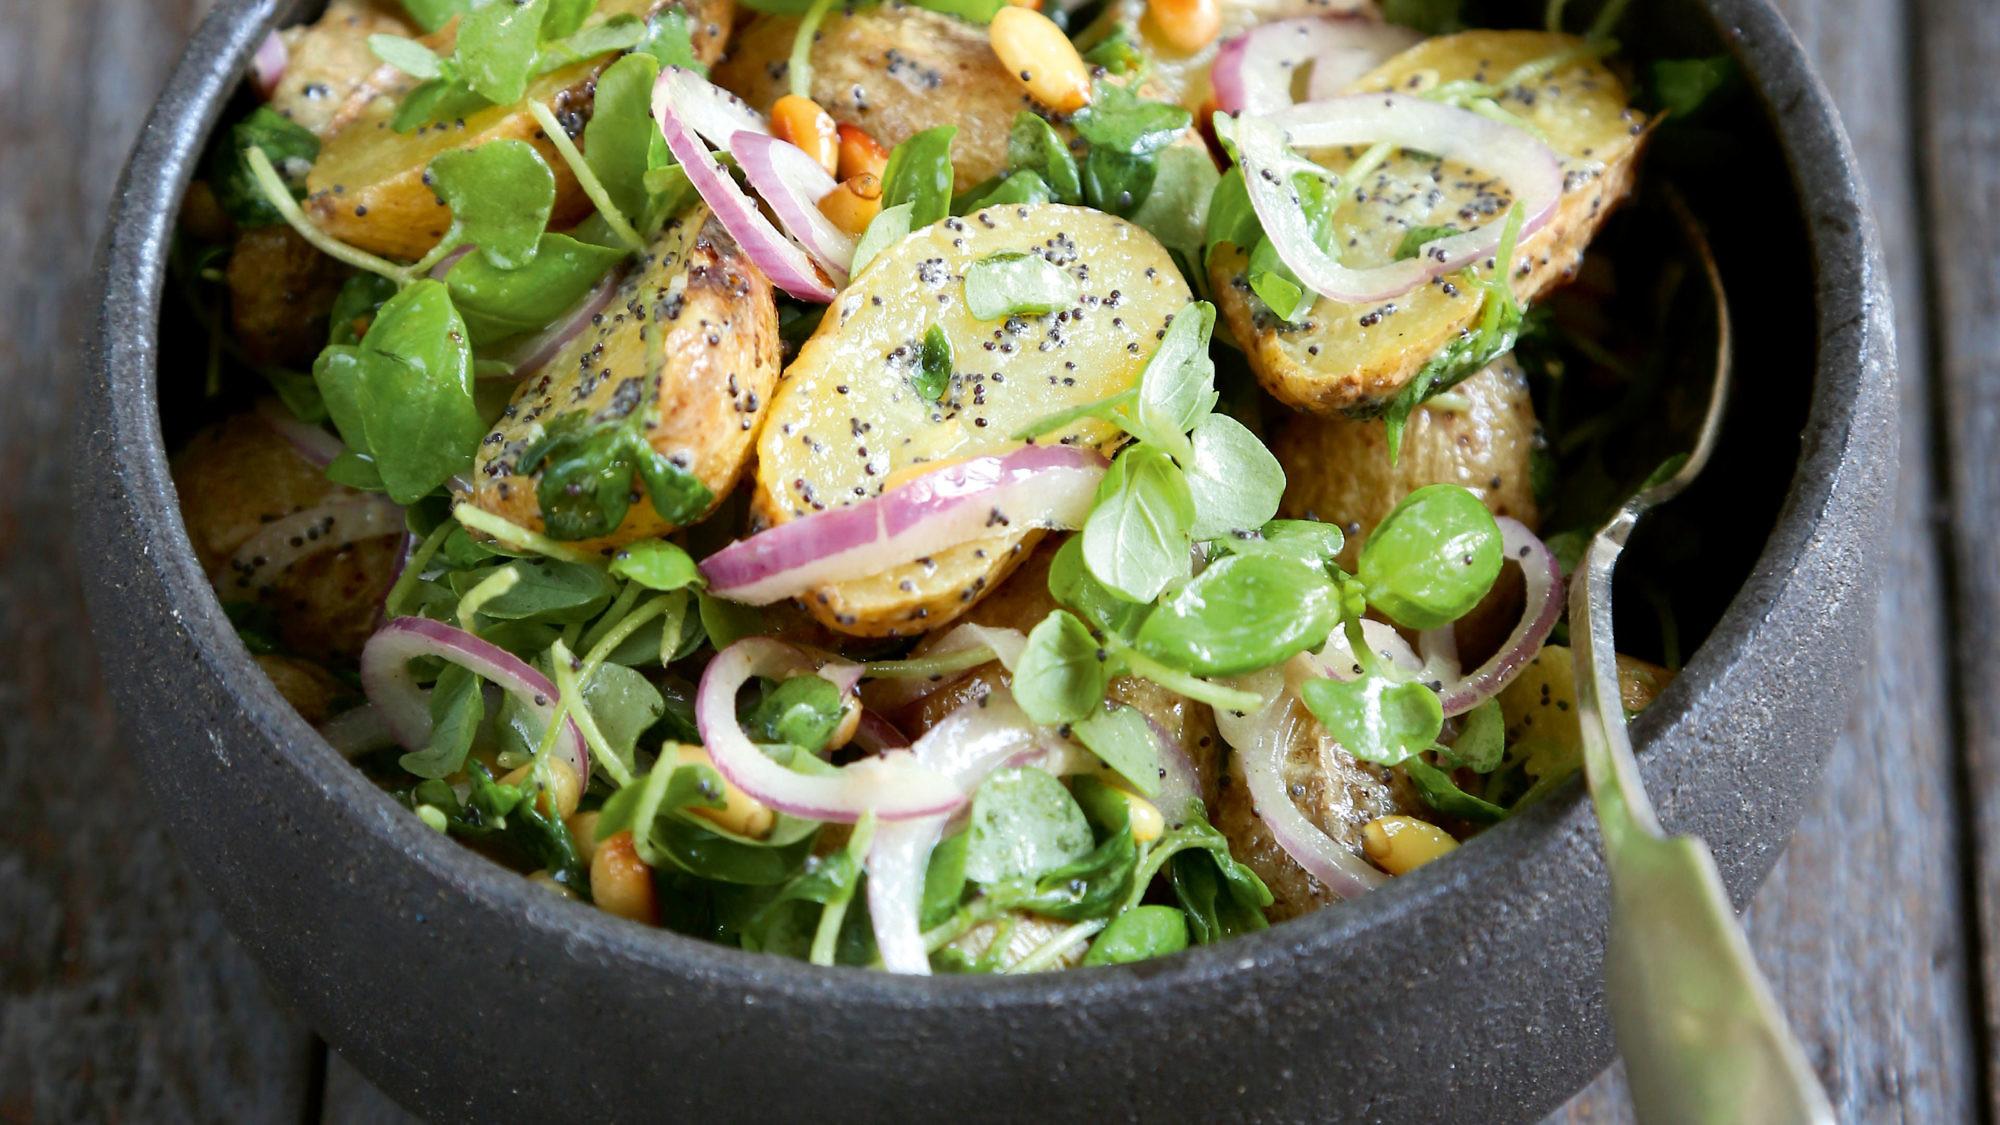 סלט תפוחי אדמה של לימור לניאדו תירוש. צילום וסטיילינג:לימור לניאדו תירוש